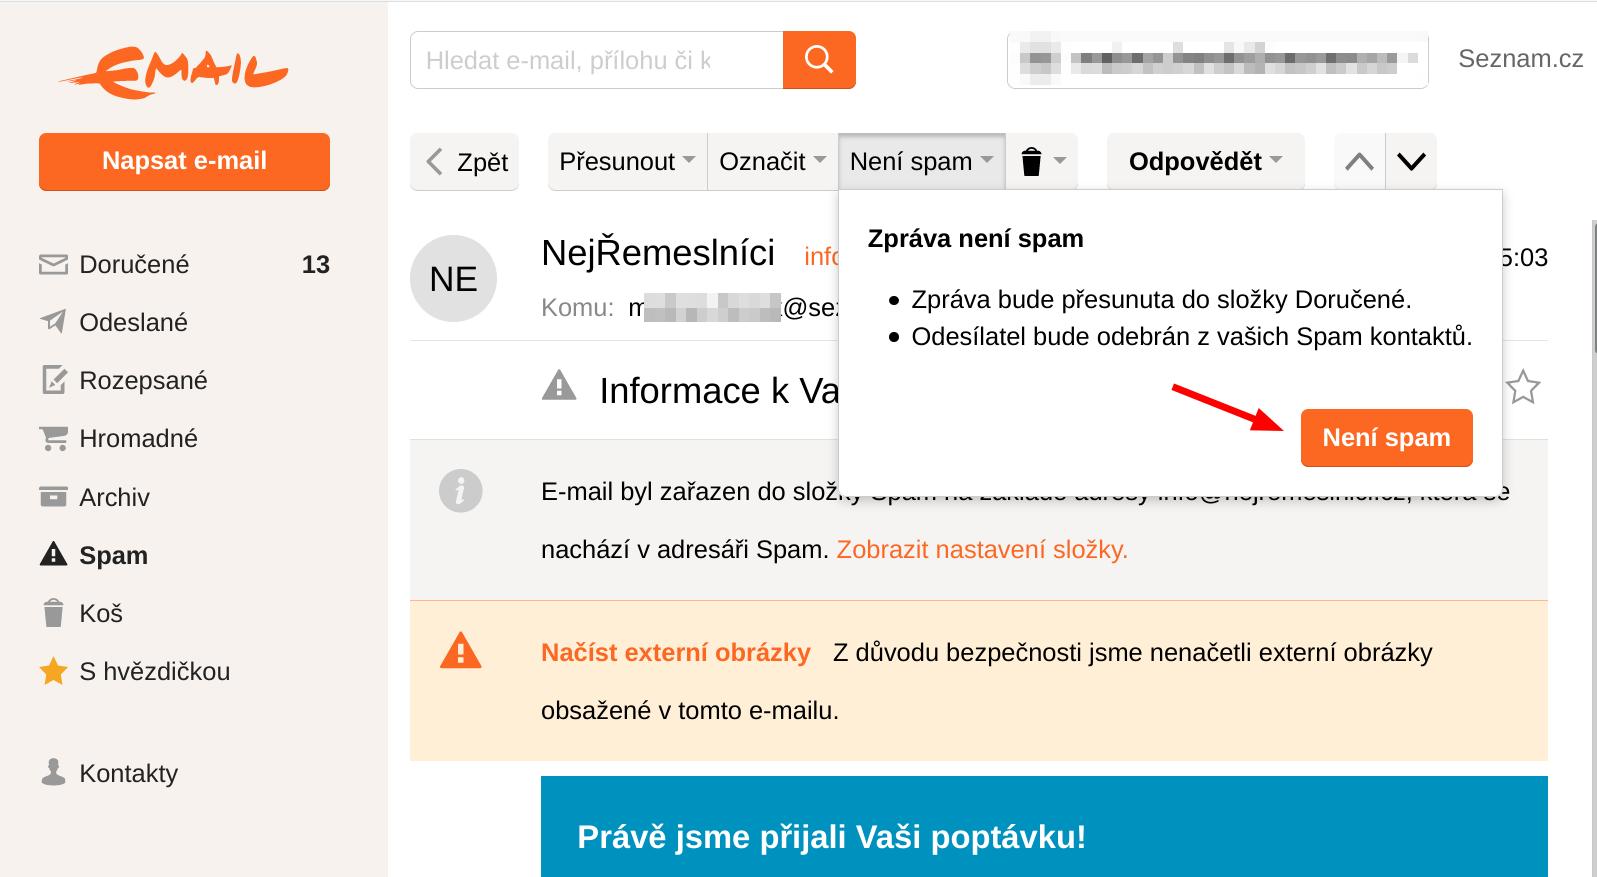 Označení mailu, že nejde o spam